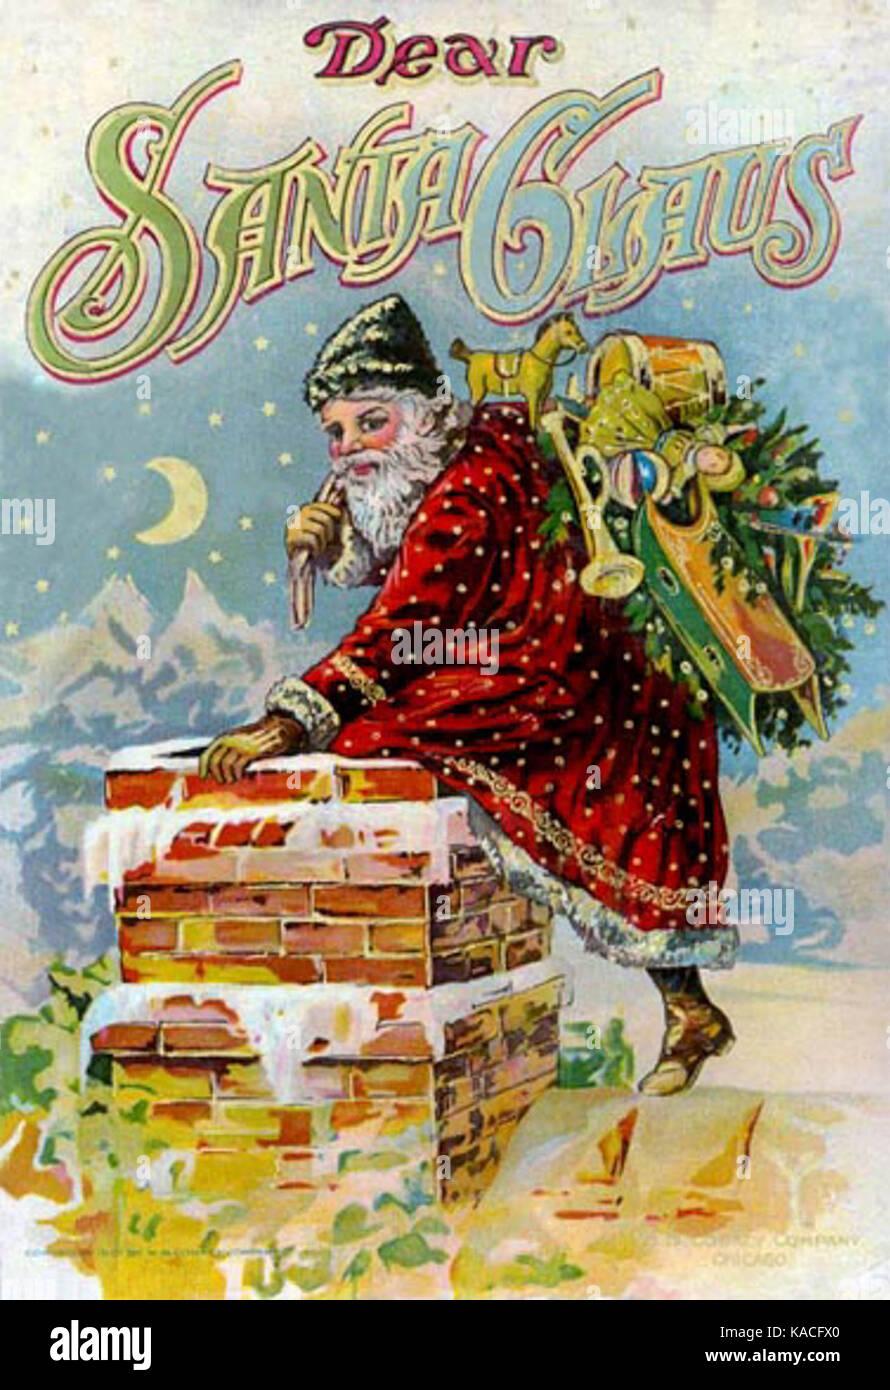 Vintage Bilder Weihnachten.Weihnachten Vintage Stockfotos Weihnachten Vintage Bilder Alamy